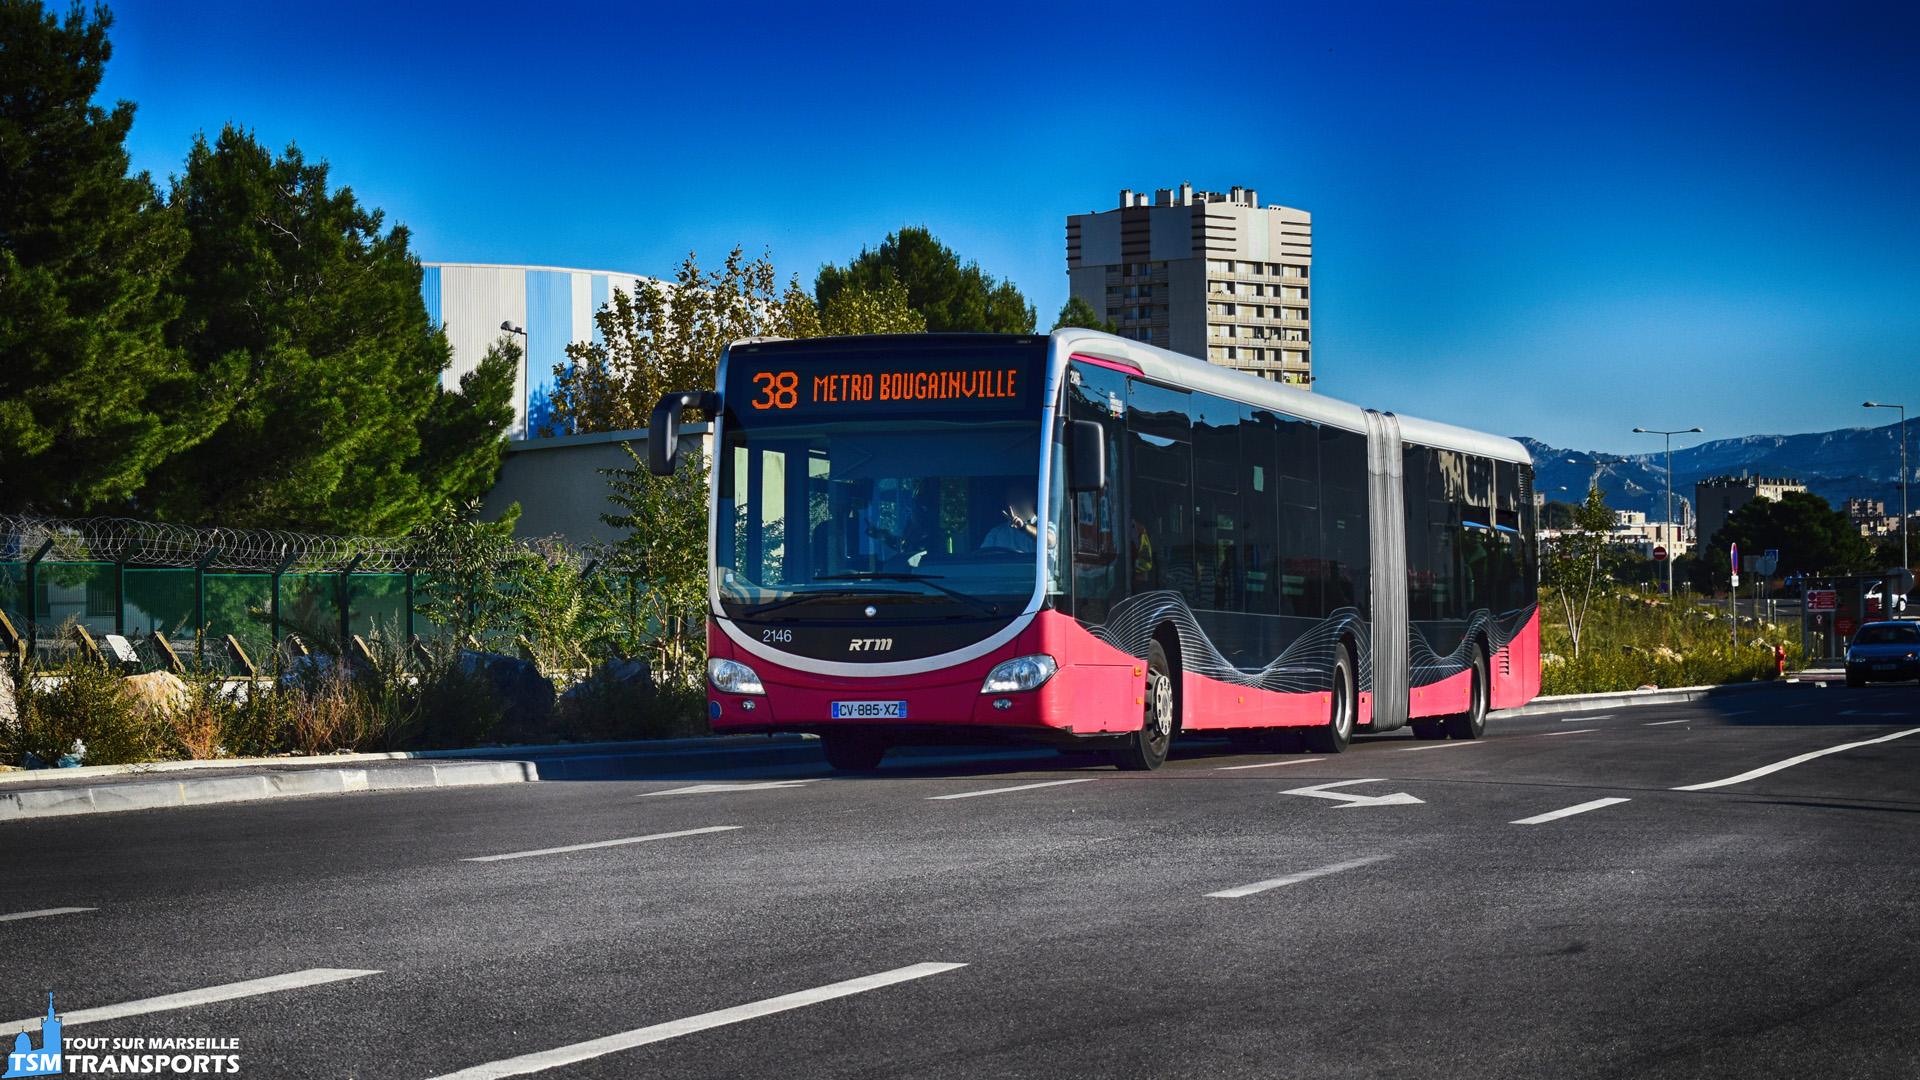 Enfin la ligne 38 à retrouvé son itinéraire d'origine après la réouverture de la Rue Jean Queillau, qui était fermée à la circulation depuis le 3 novembre 2015 pour les besoins du chantier de la rocade L2, qui depuis aujourd'hui est ouverte intégralement. . Les #BHNS peuvent désormais se dégourdir les pneus sur le #goudron flambant neuf de la rue. . Merci au conducteur du bus pour son salut ✌️. . ℹ️ #Mercedes Benz Citaro 2 G Euro 5 BHNS n°2146. . 📍Rue Jean Queillau, 14eme arrondissement de Marseille. . ↔️ 38 : Métro Bougainville - Métro Malpassé. . 📸 Nikon D5600. . 📅 24 octobre 2018 à 16:41. . 👨 Sébastien ESPOSITO.